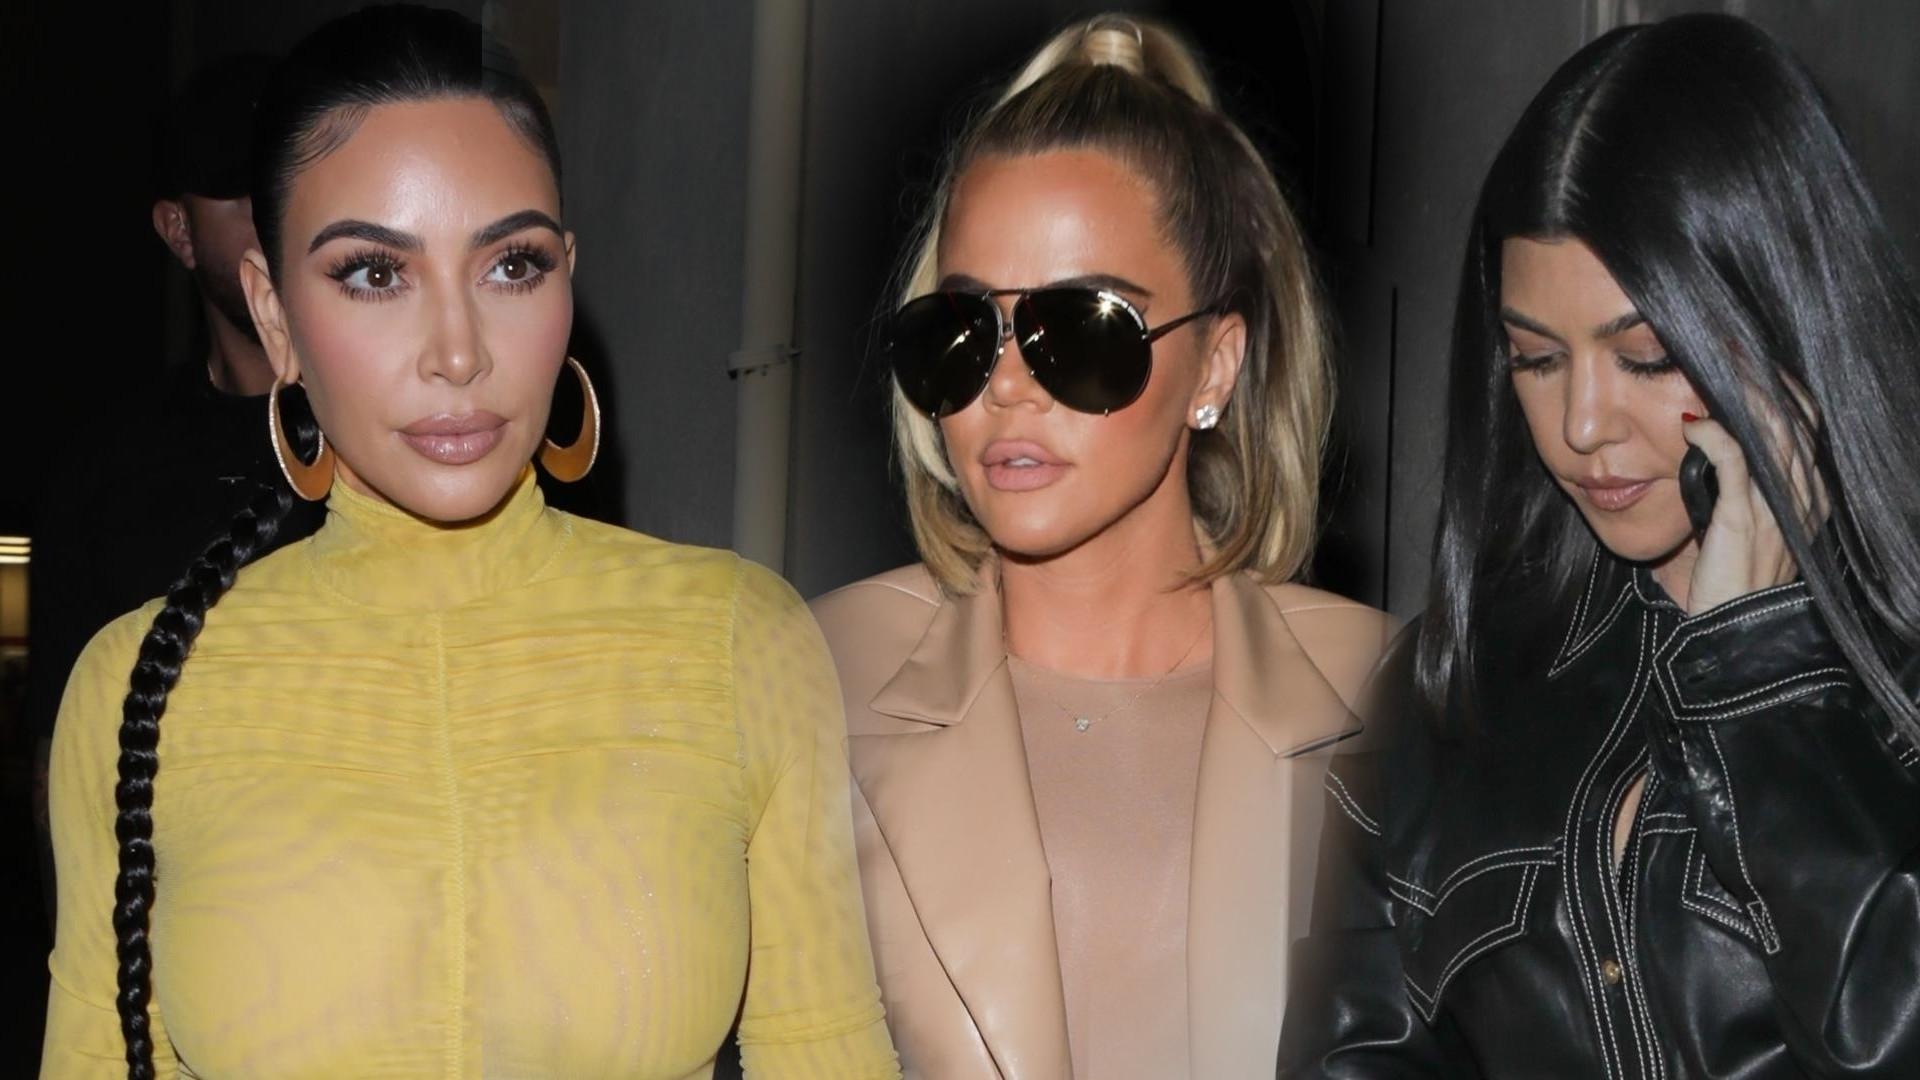 Kardashianki na kolacji. Khloe ma NOGI jak PATYKI! (ZDJĘCIA)